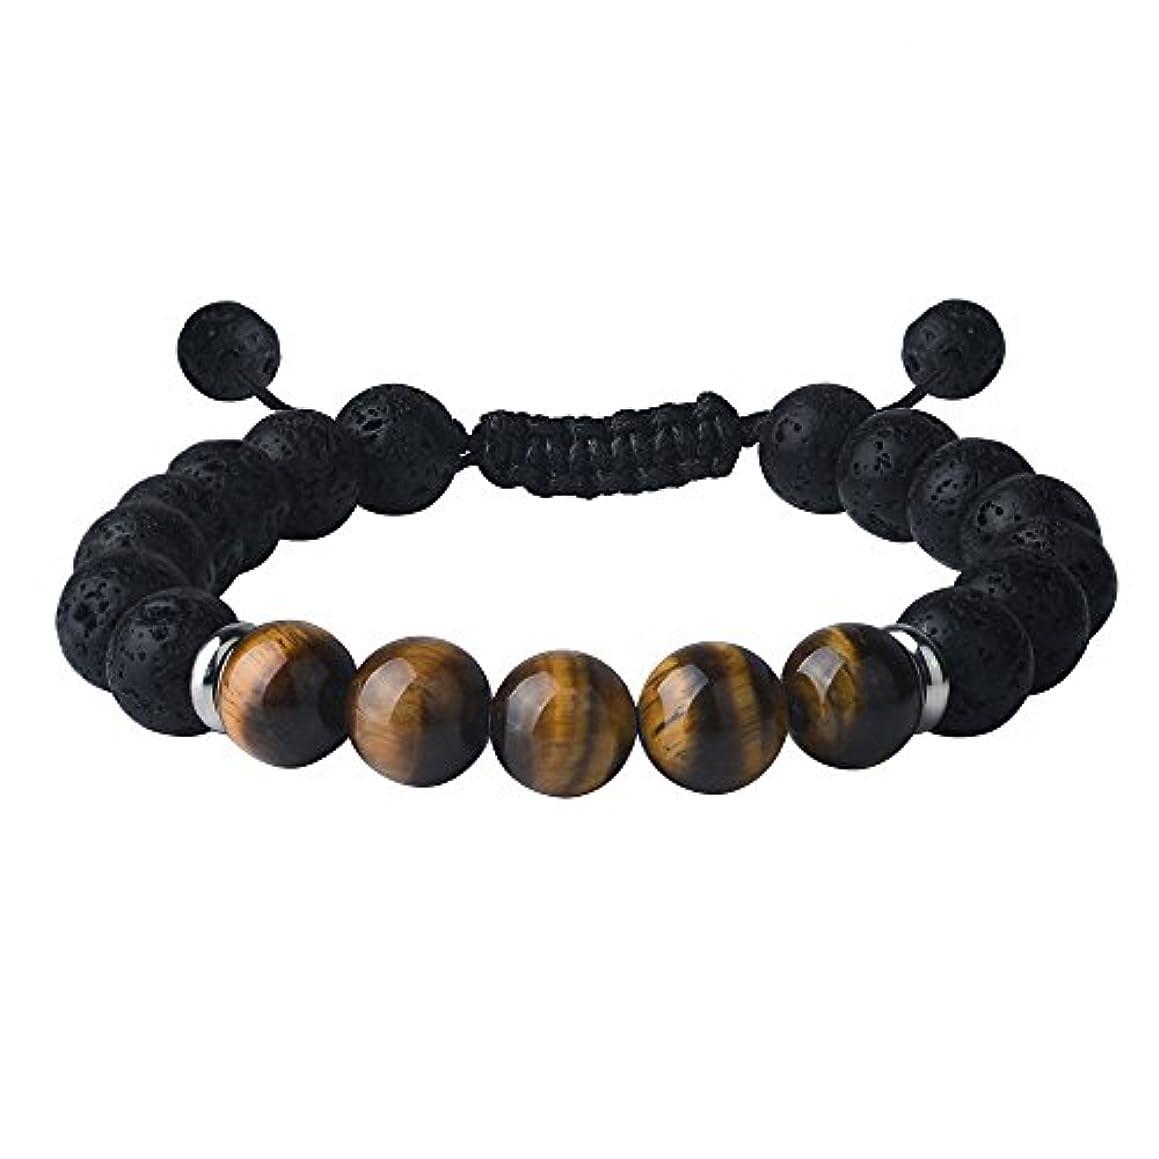 動的発明する節約するTiger Eyeブレスレットメンズレディース's-lava Rock andブラックオニキス宝石ビーズ調節可能なジュエリー、10 mm、8